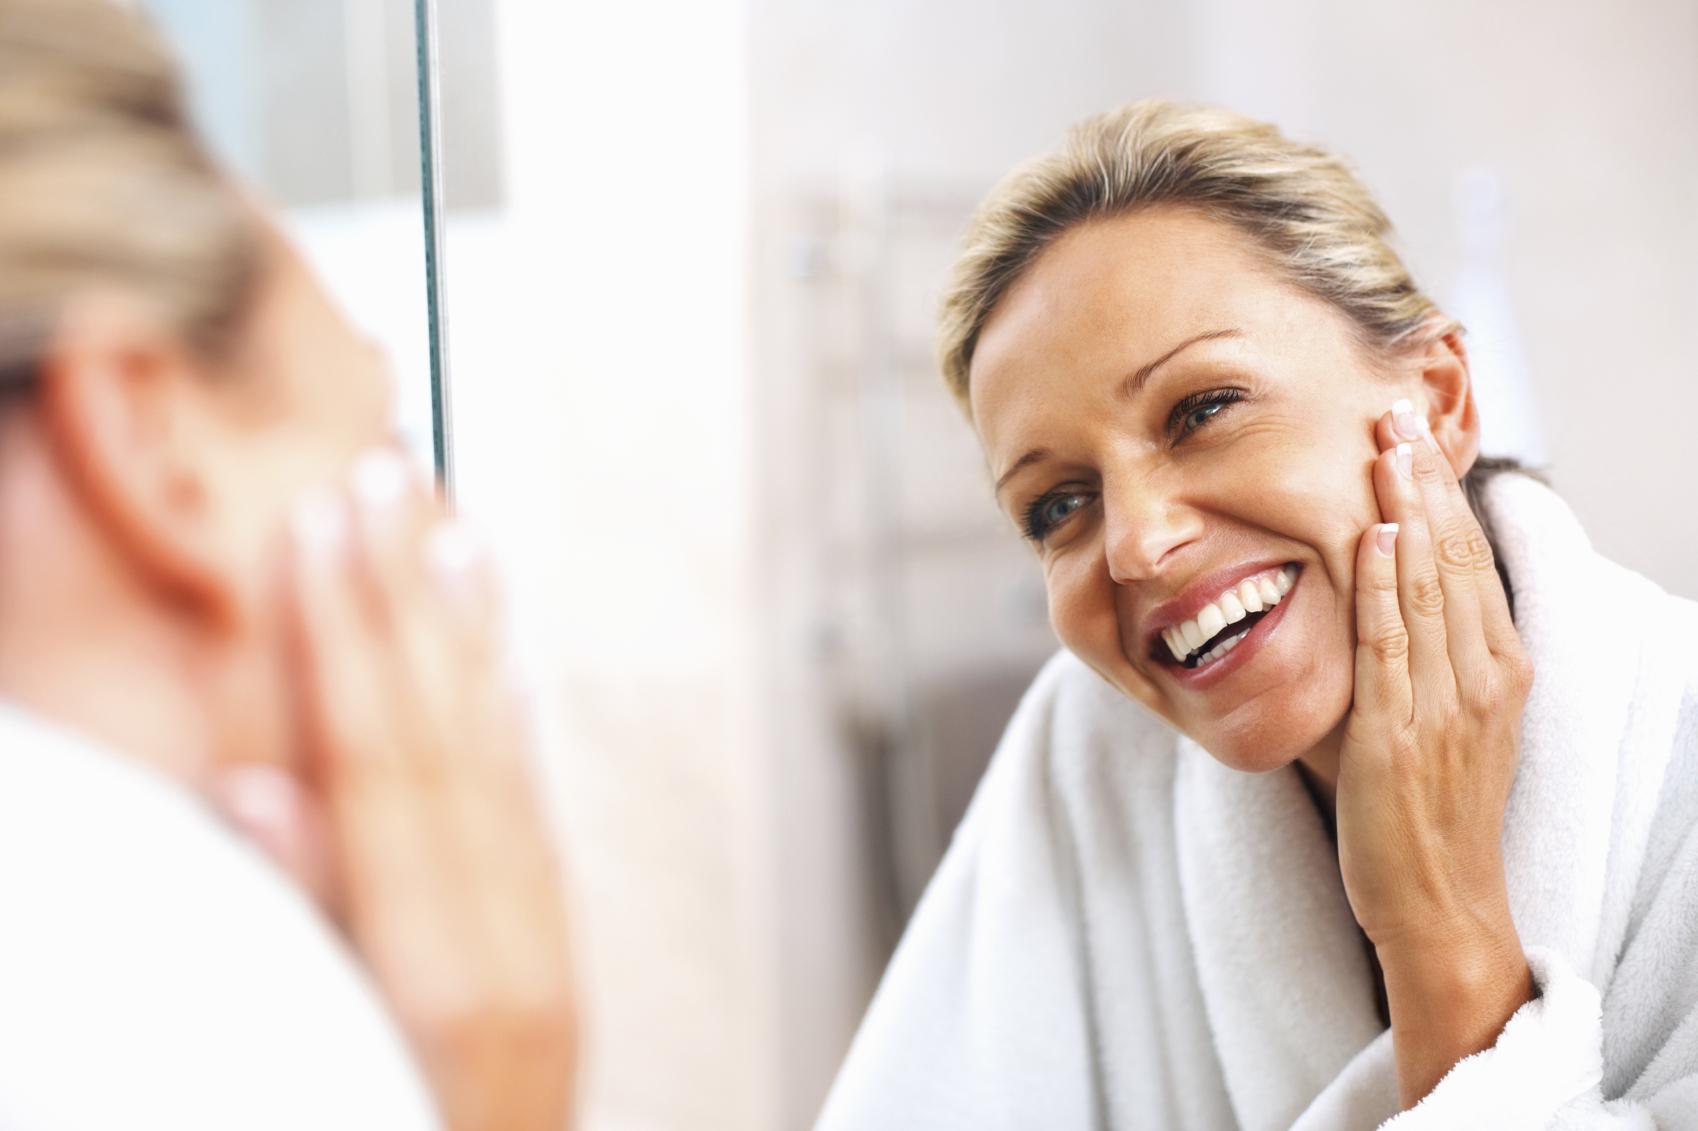 anti-aging growth hormones